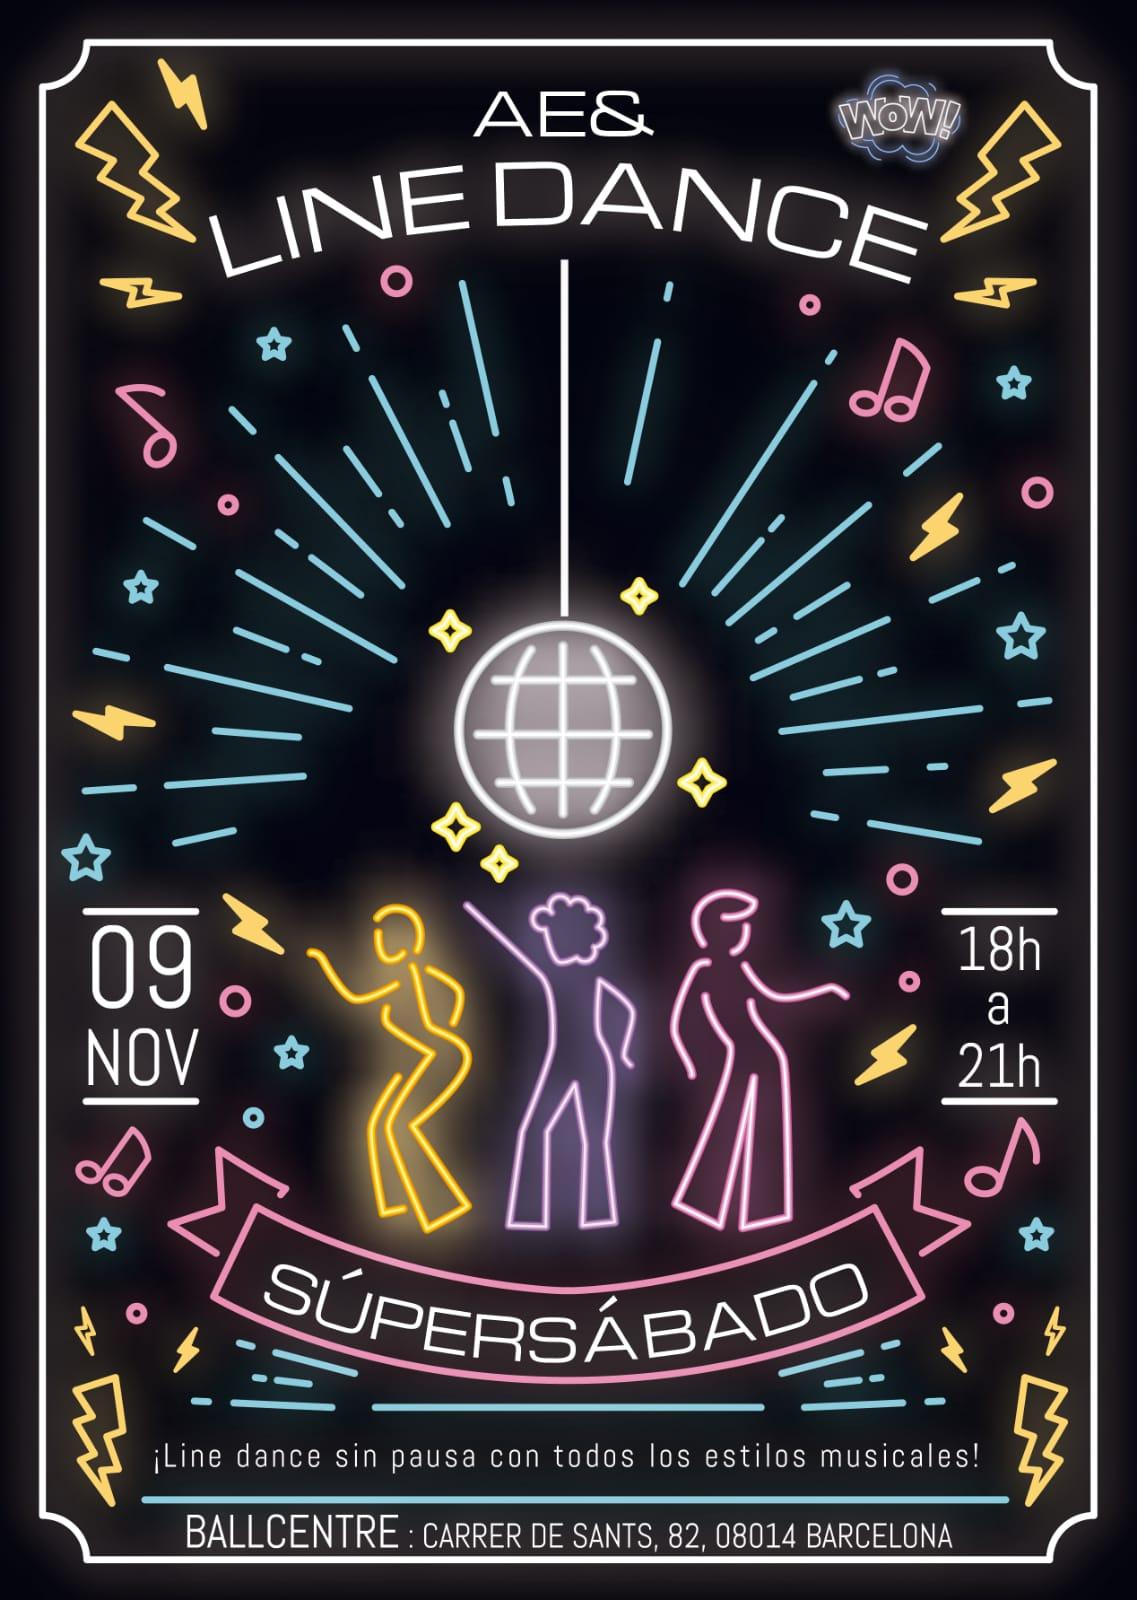 SUPER-DISSABTE Ball centre 9 nov 19